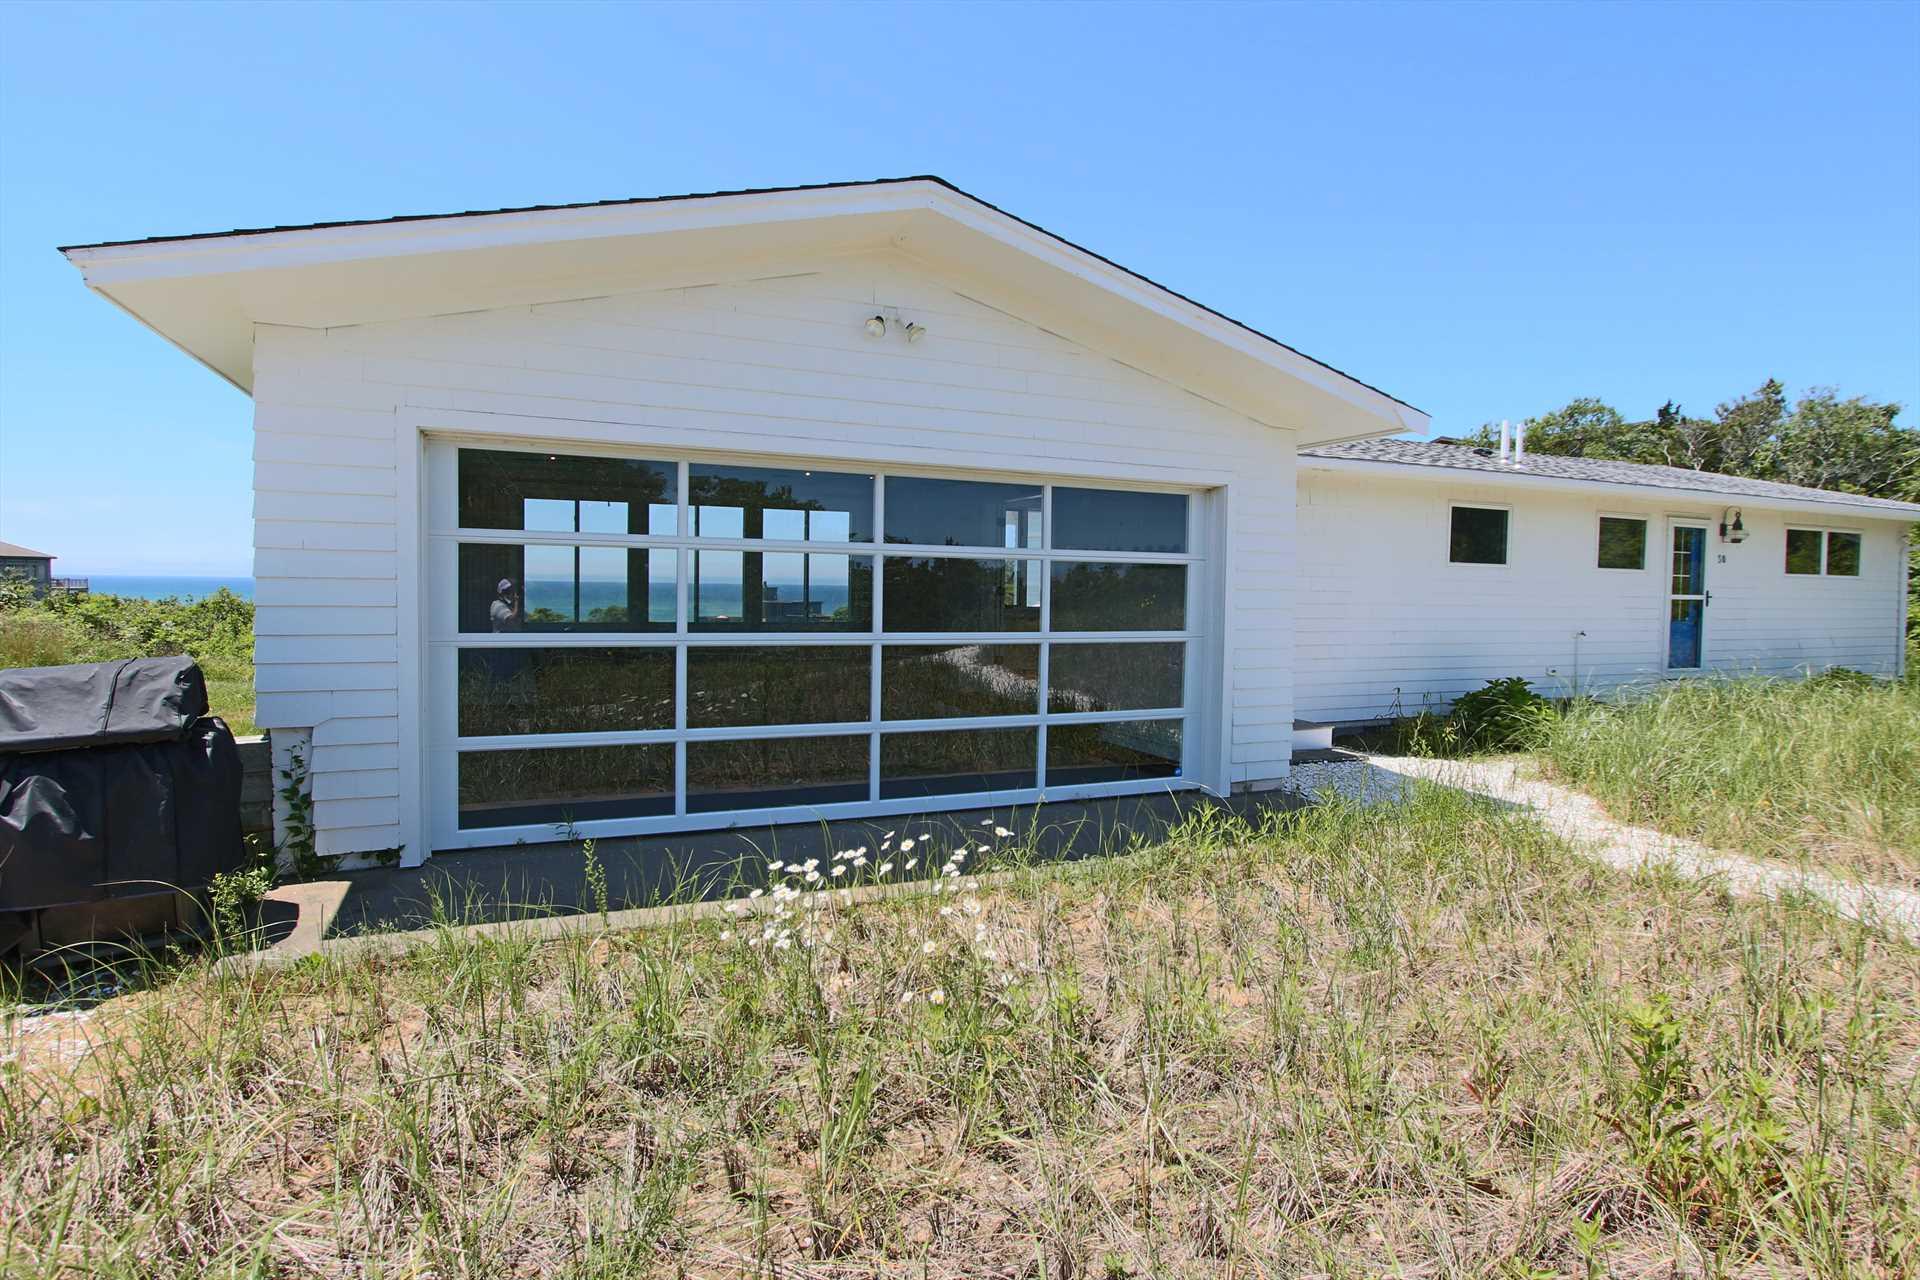 Garage Door in Porch opens for Indoor/Outdoor Feel